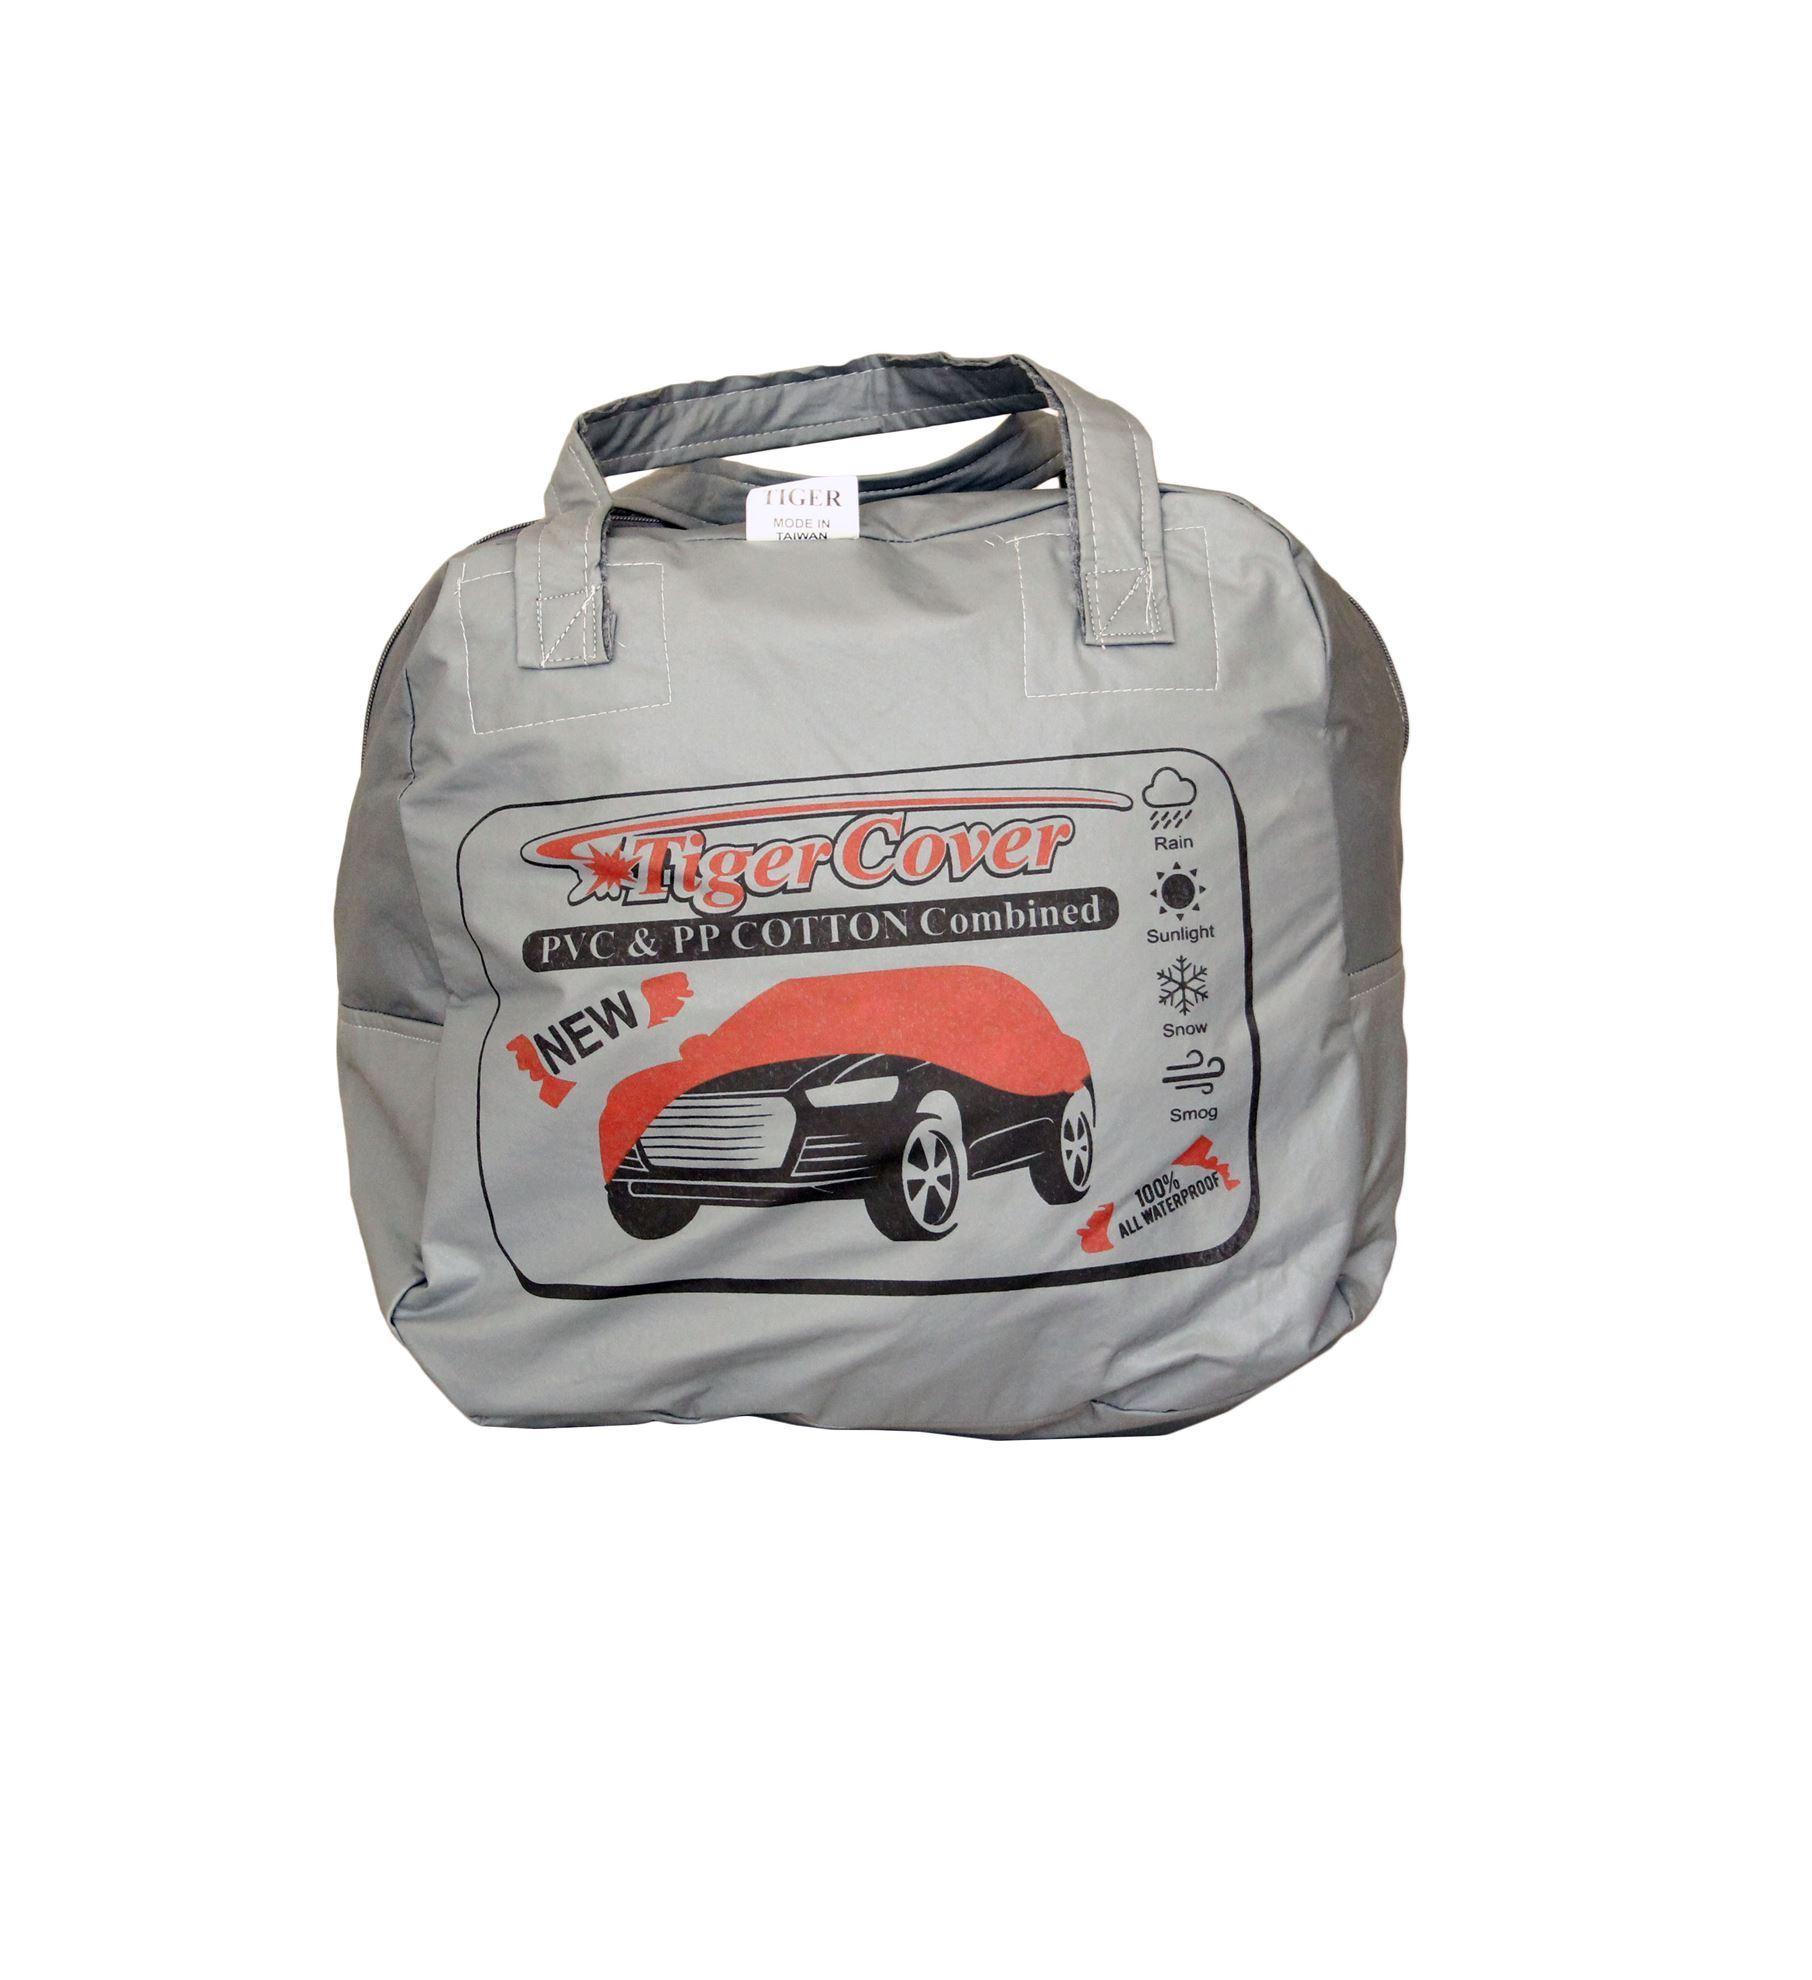 تصویر روکش خودرو مدل Tc d مناسب برای پژو405،پارس،پرشیا،سمند،رانا،206 sd